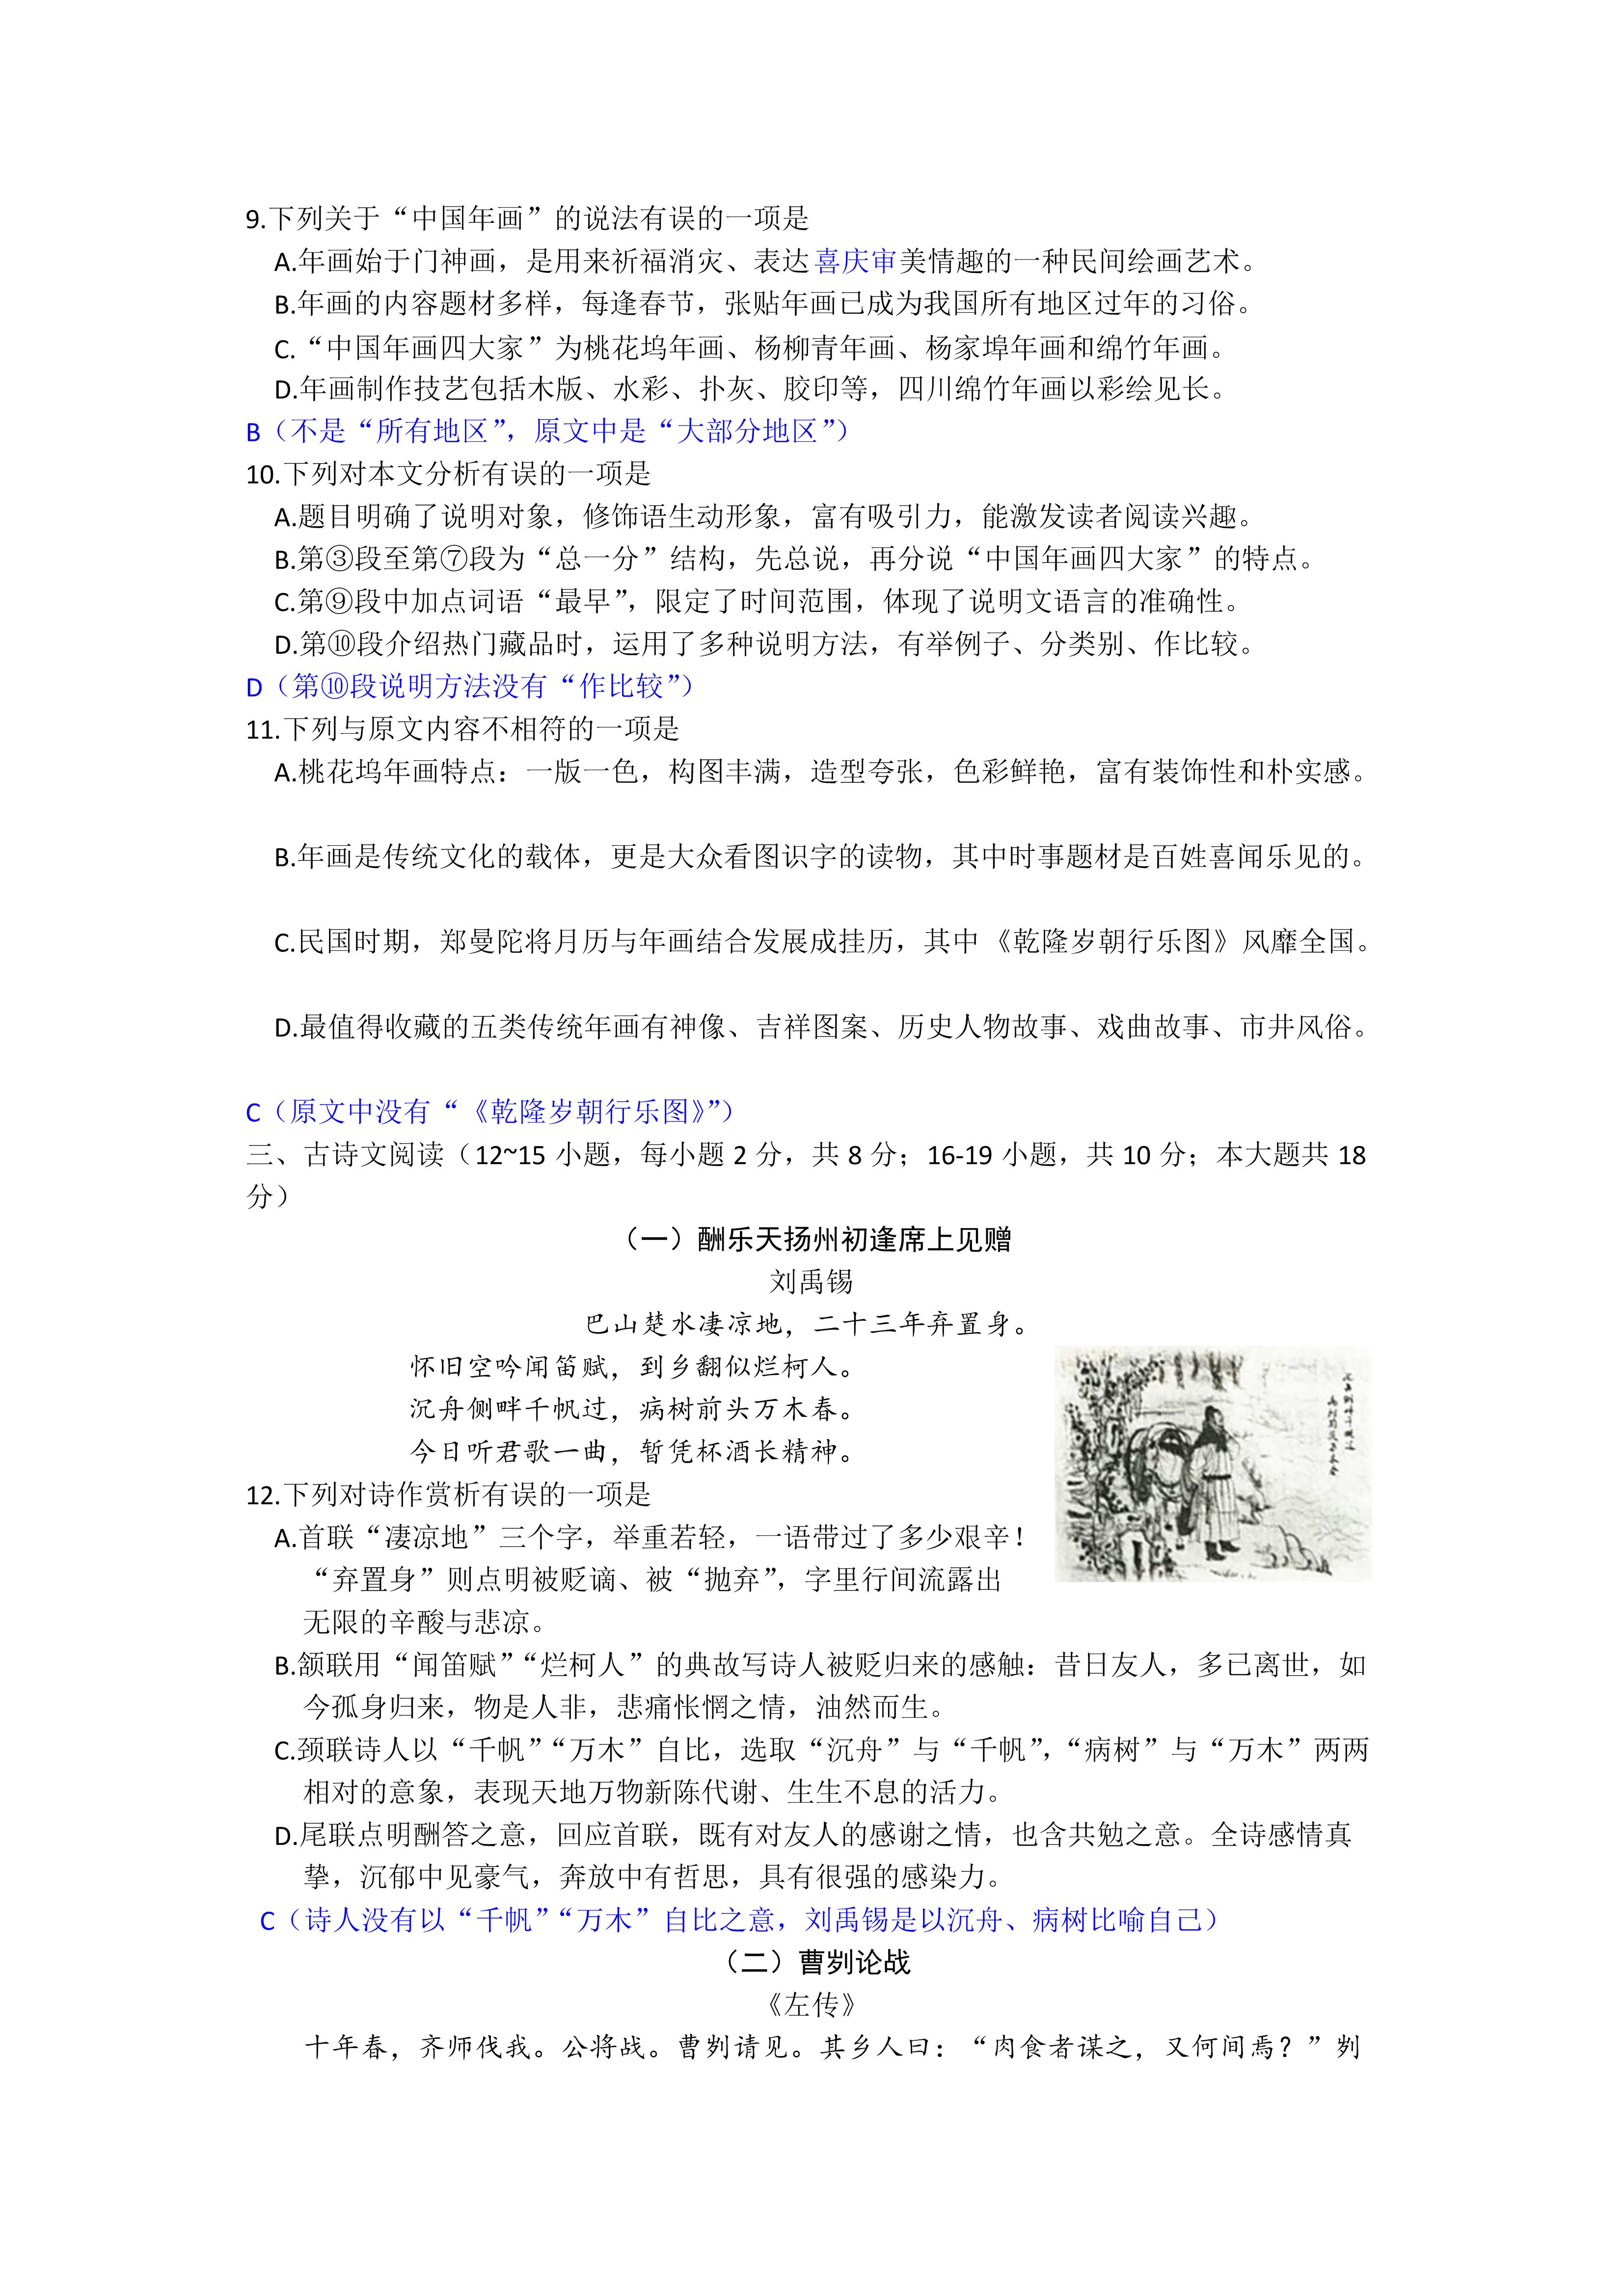 2019年广西玉林中考语文真题及答案【图片版】4.png